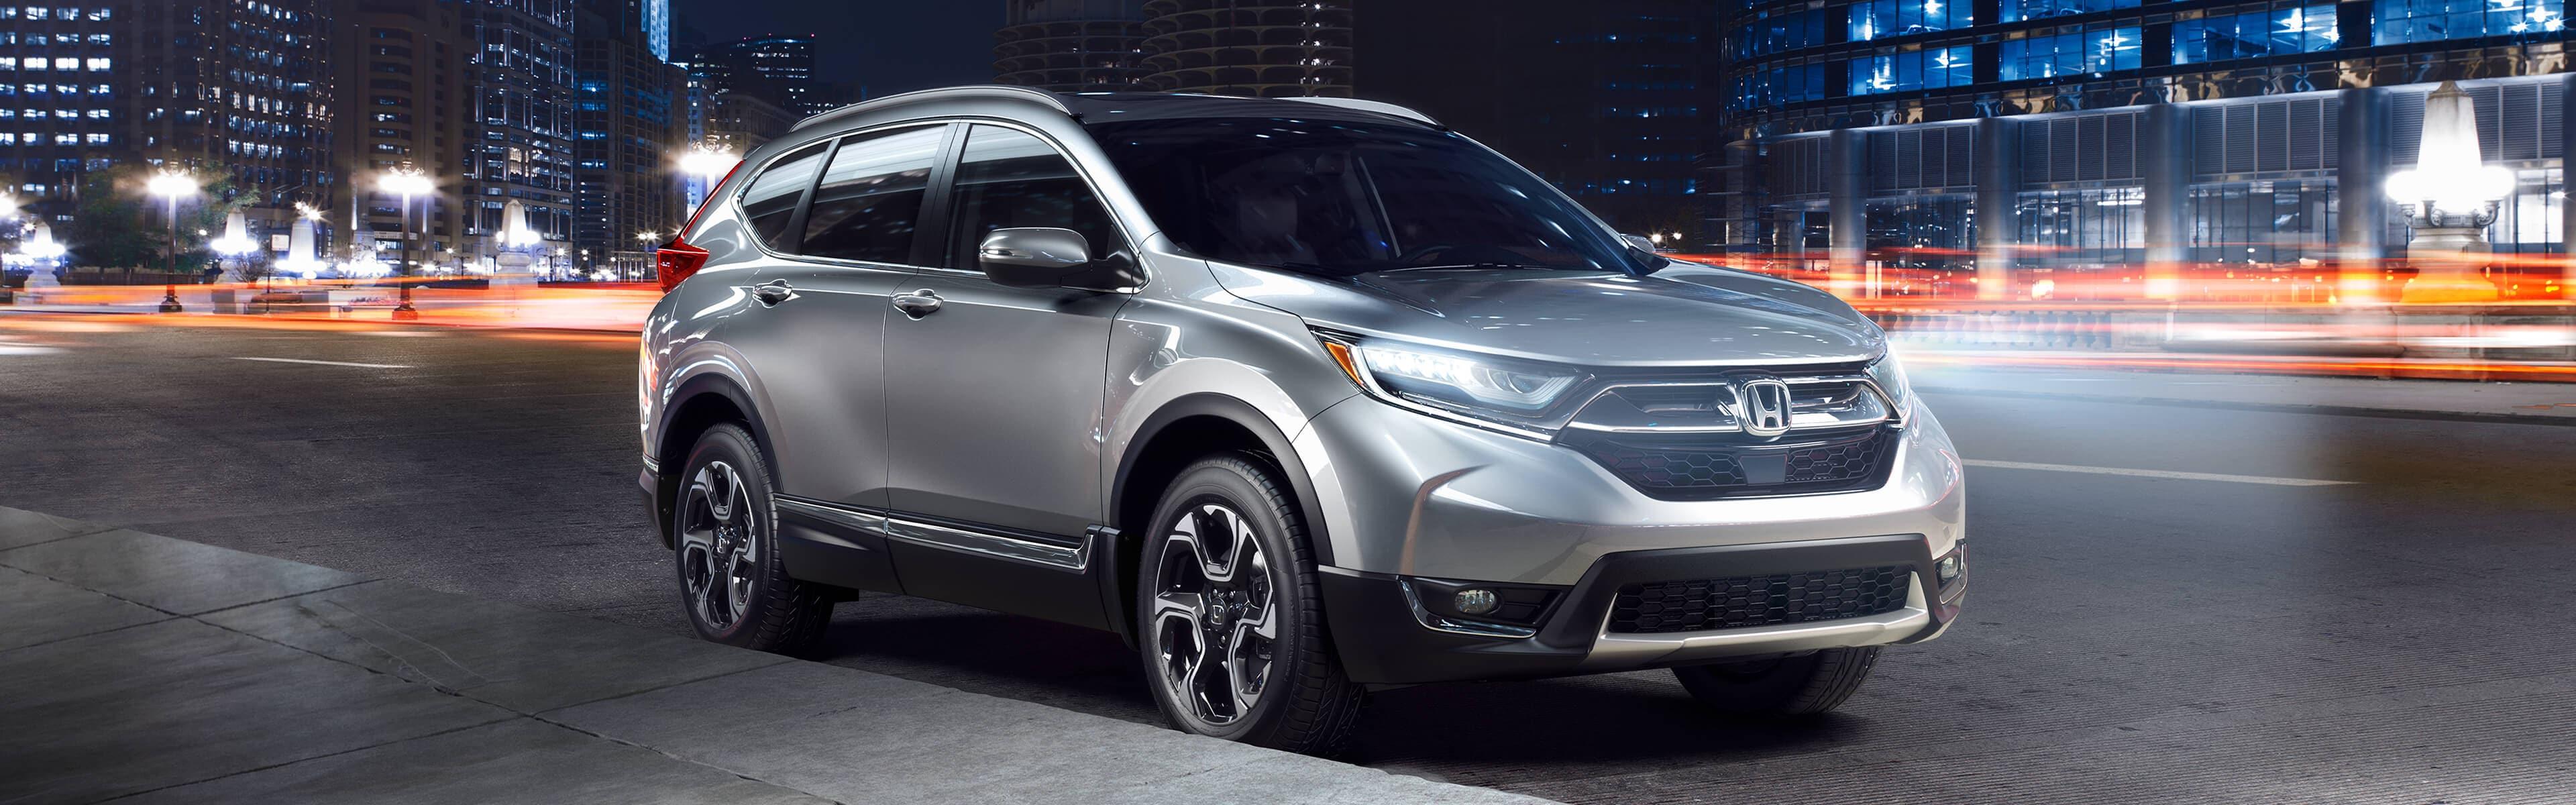 2018 Honda CR-V SUVs For New Glasgow, Nova Scotia Drivers To Explore